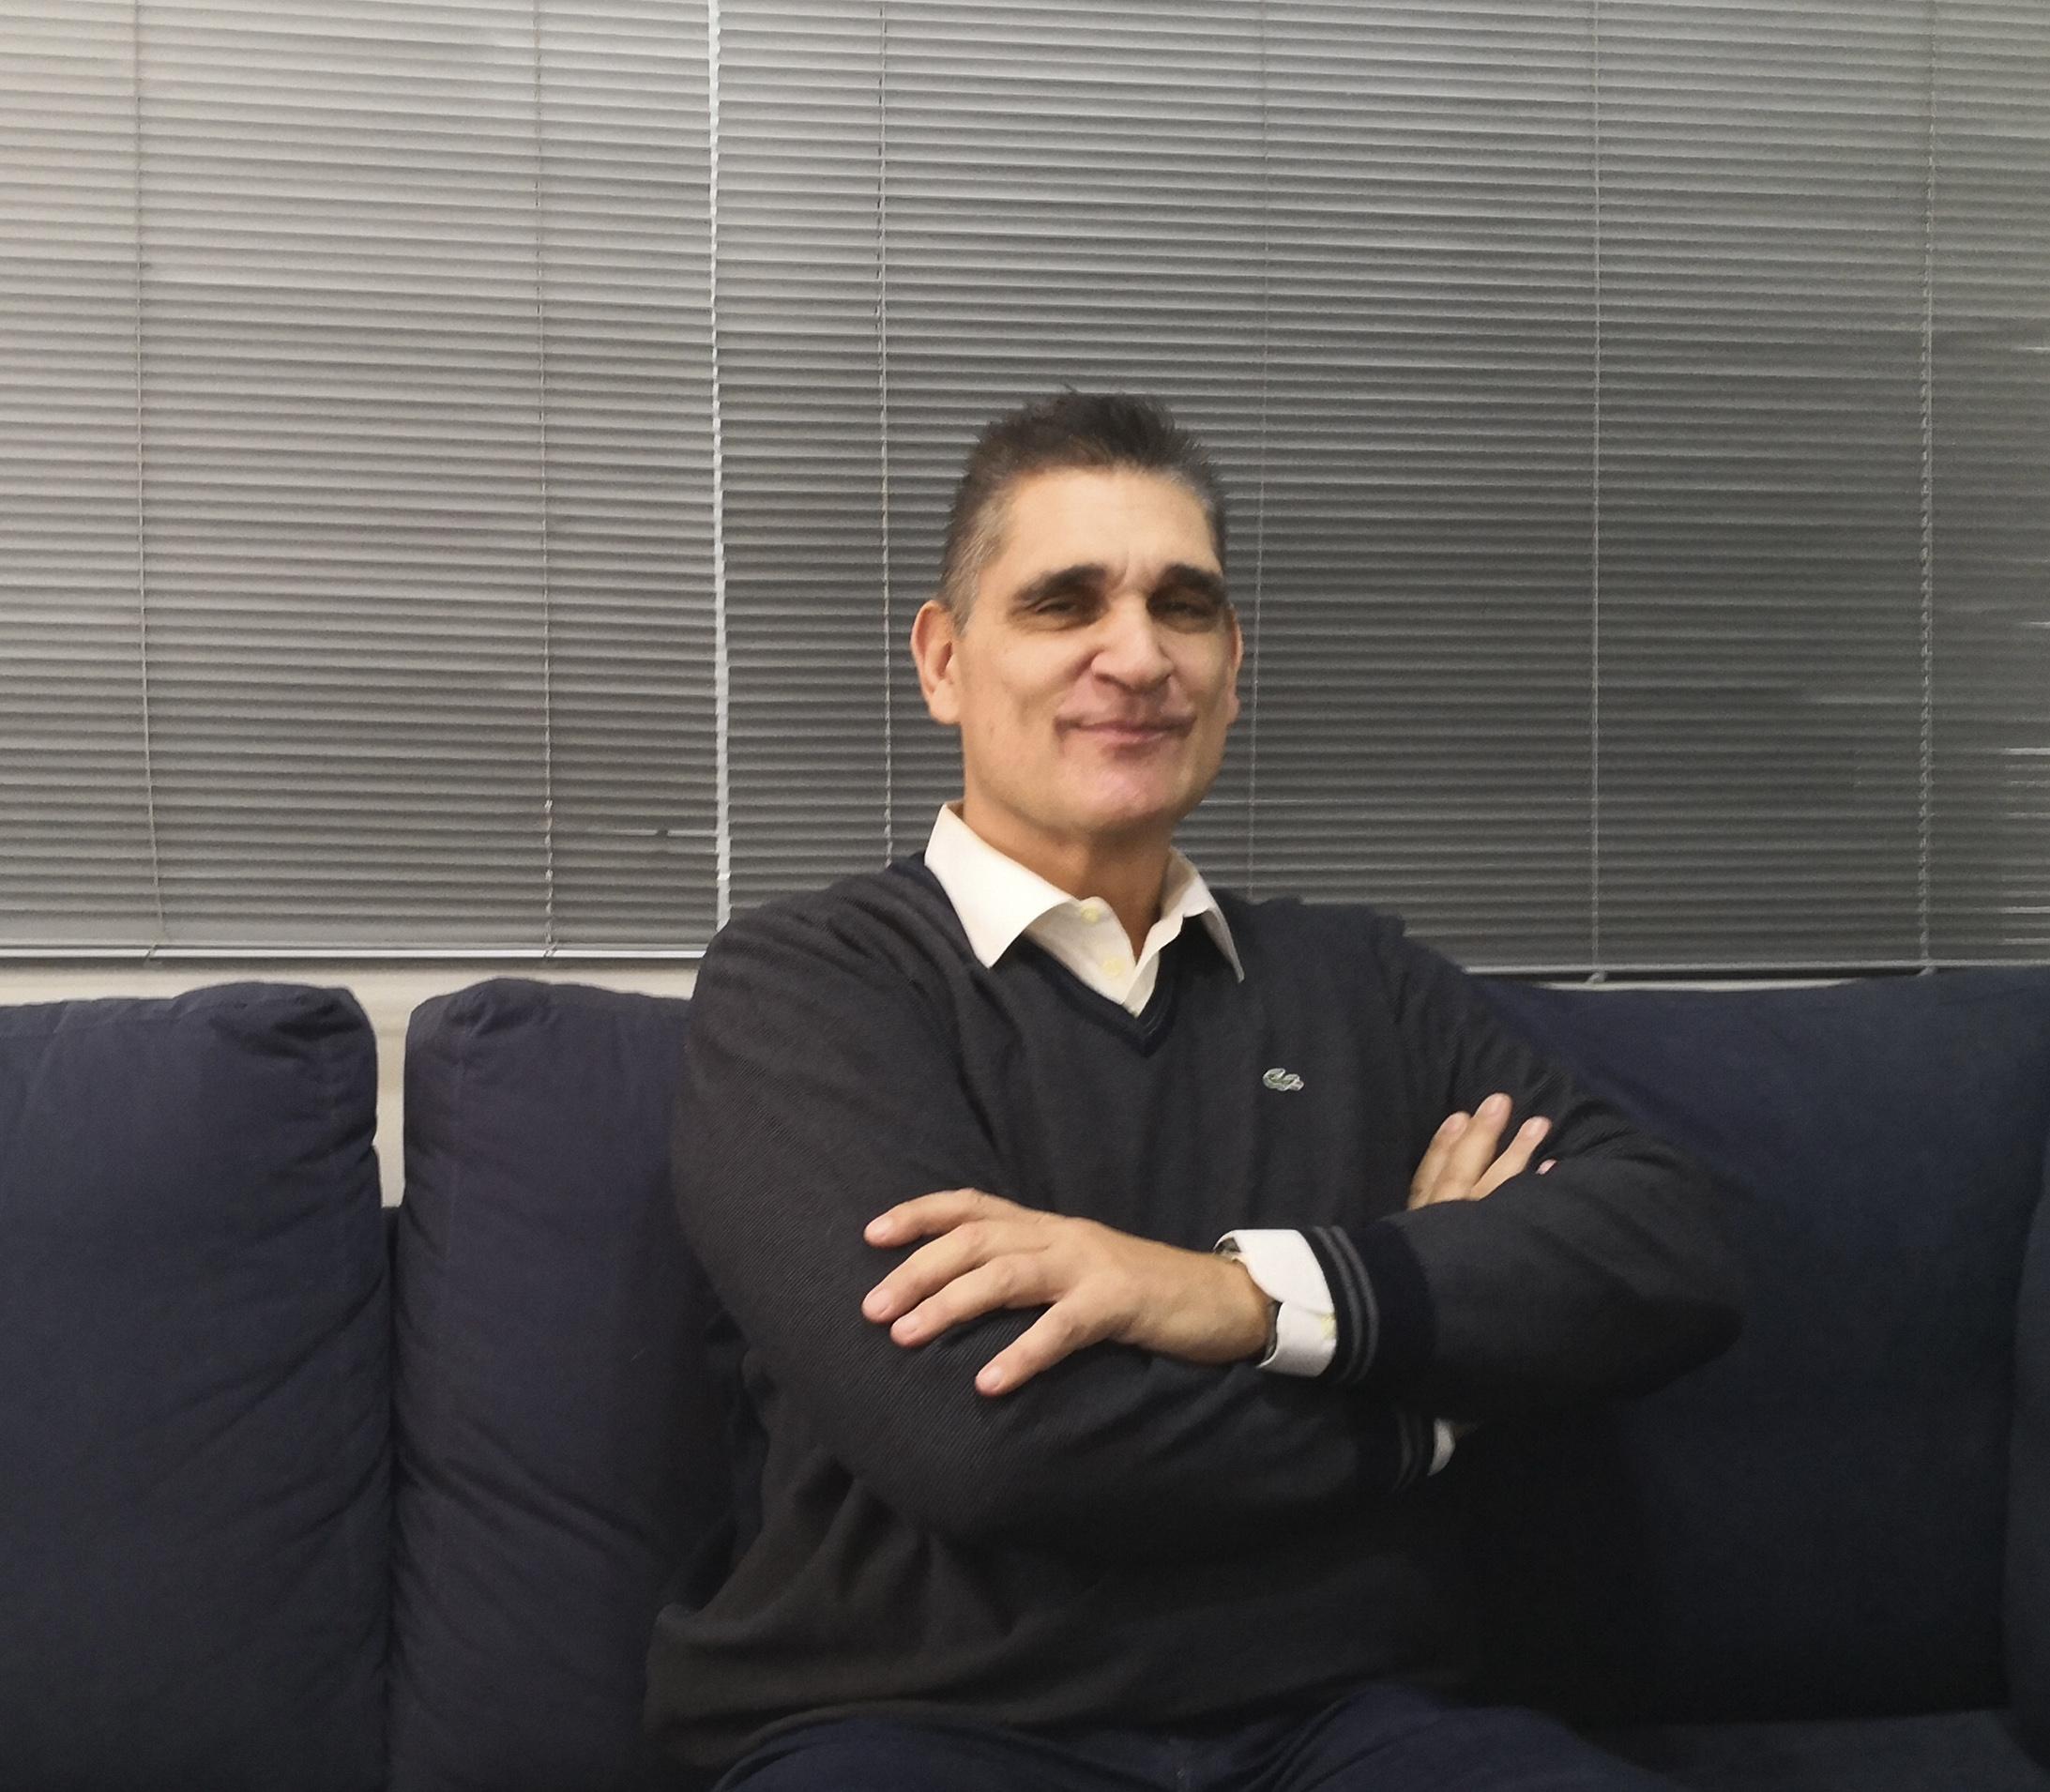 Diego cánovas